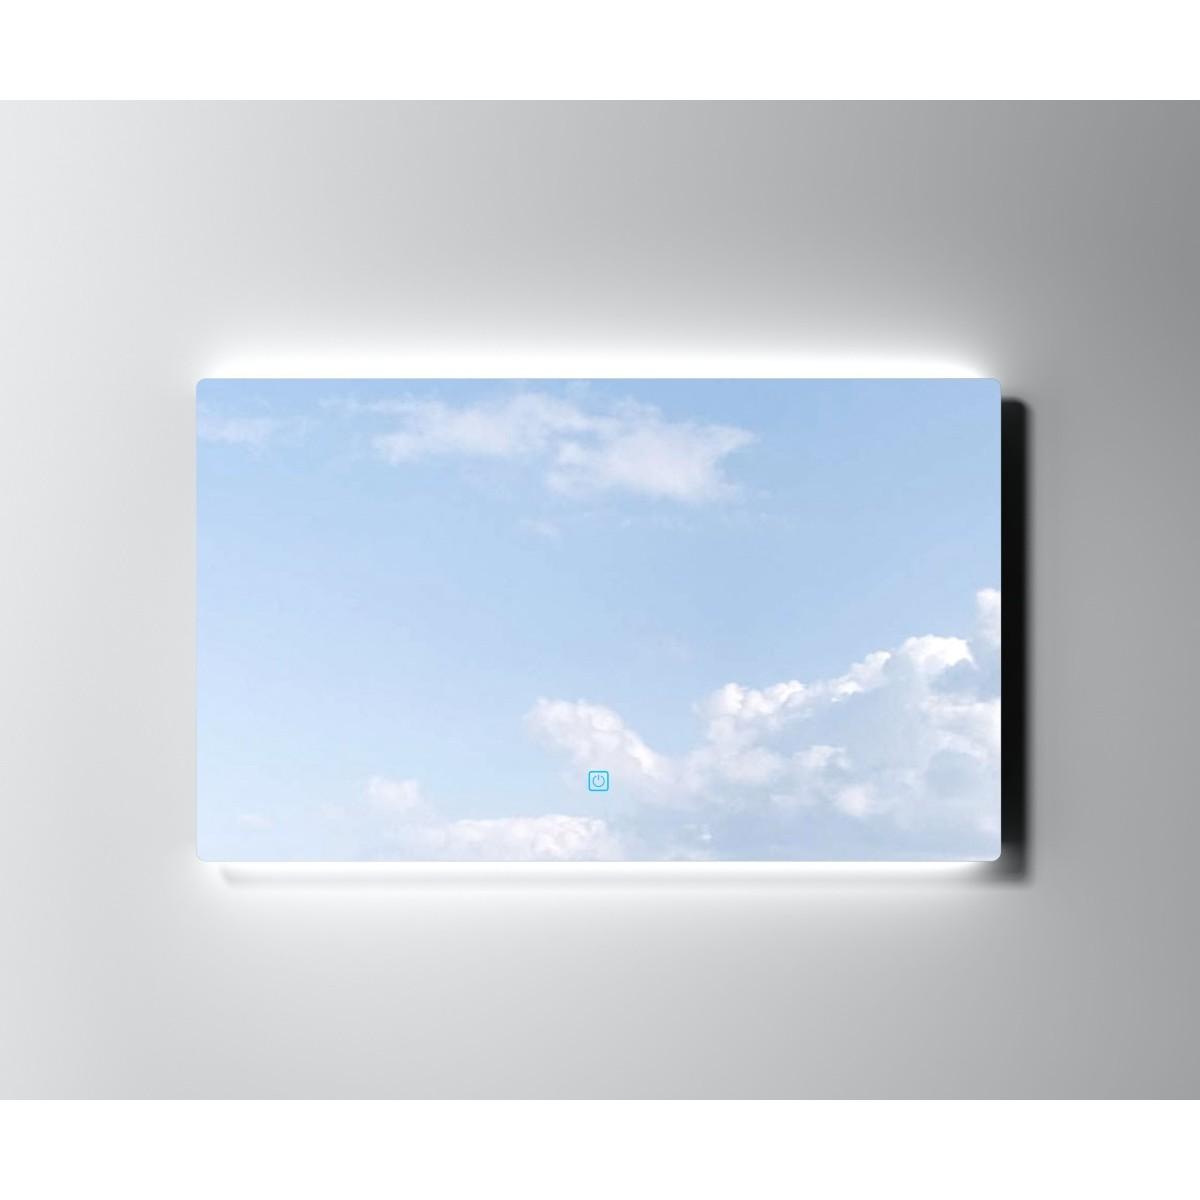 LED Spiegel VL8048